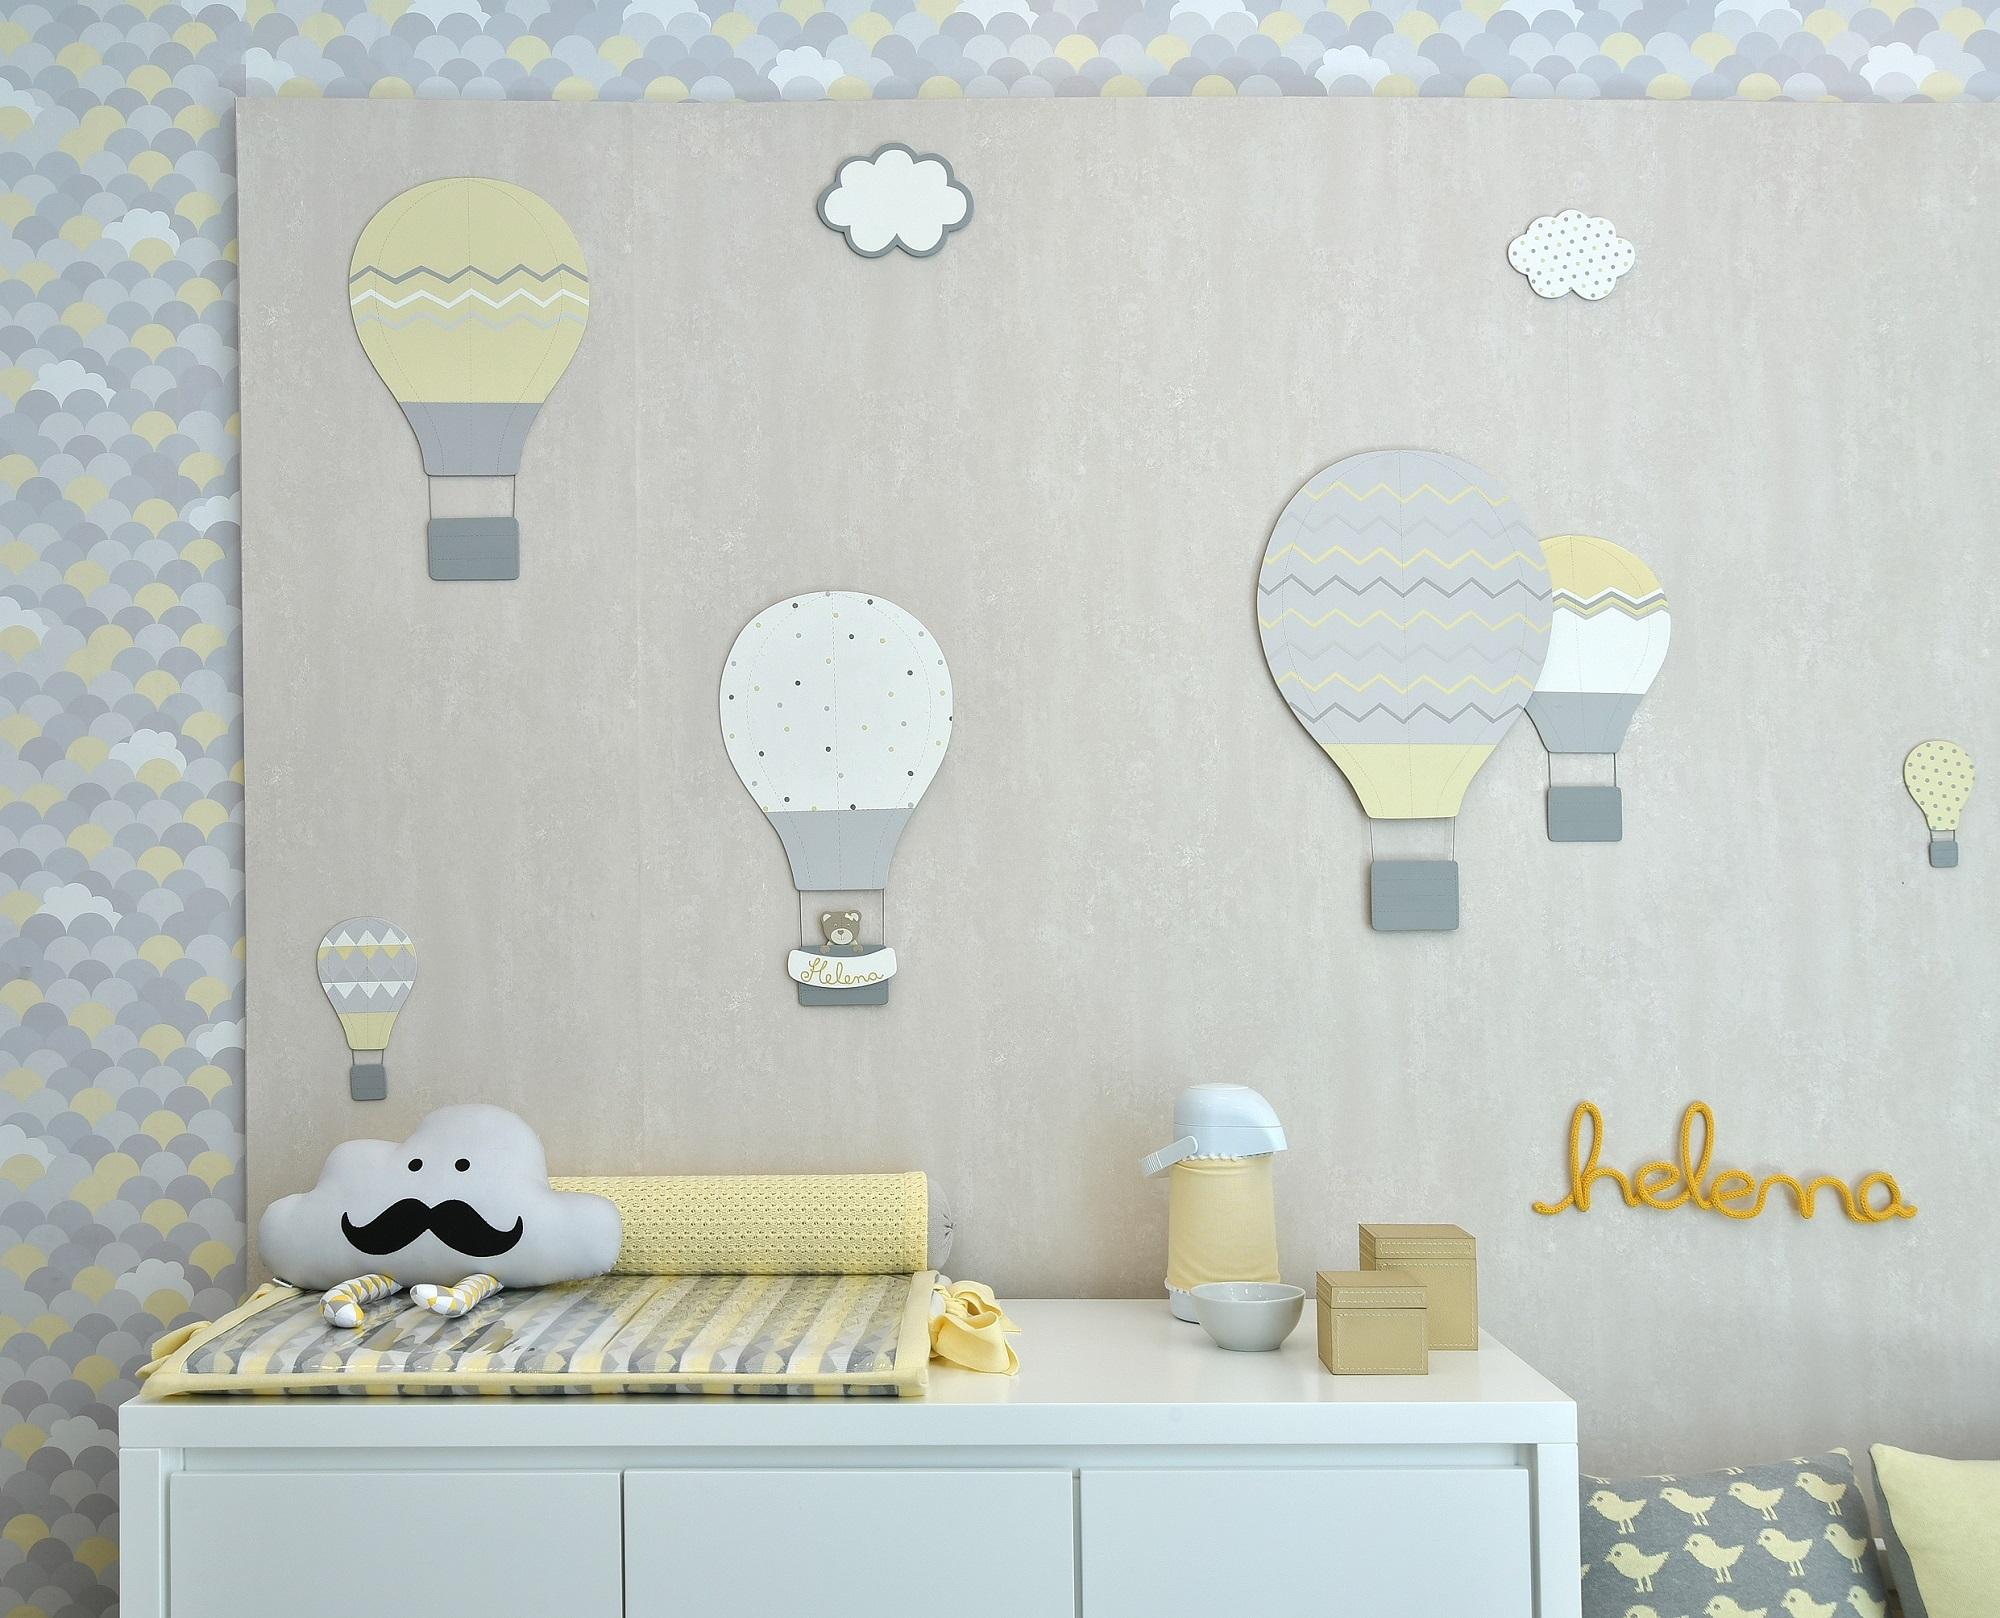 Adesivo Para Parede De Balão ~ Quarto de beb u00ea com balões 8 dicas para a decoraç u00e3o